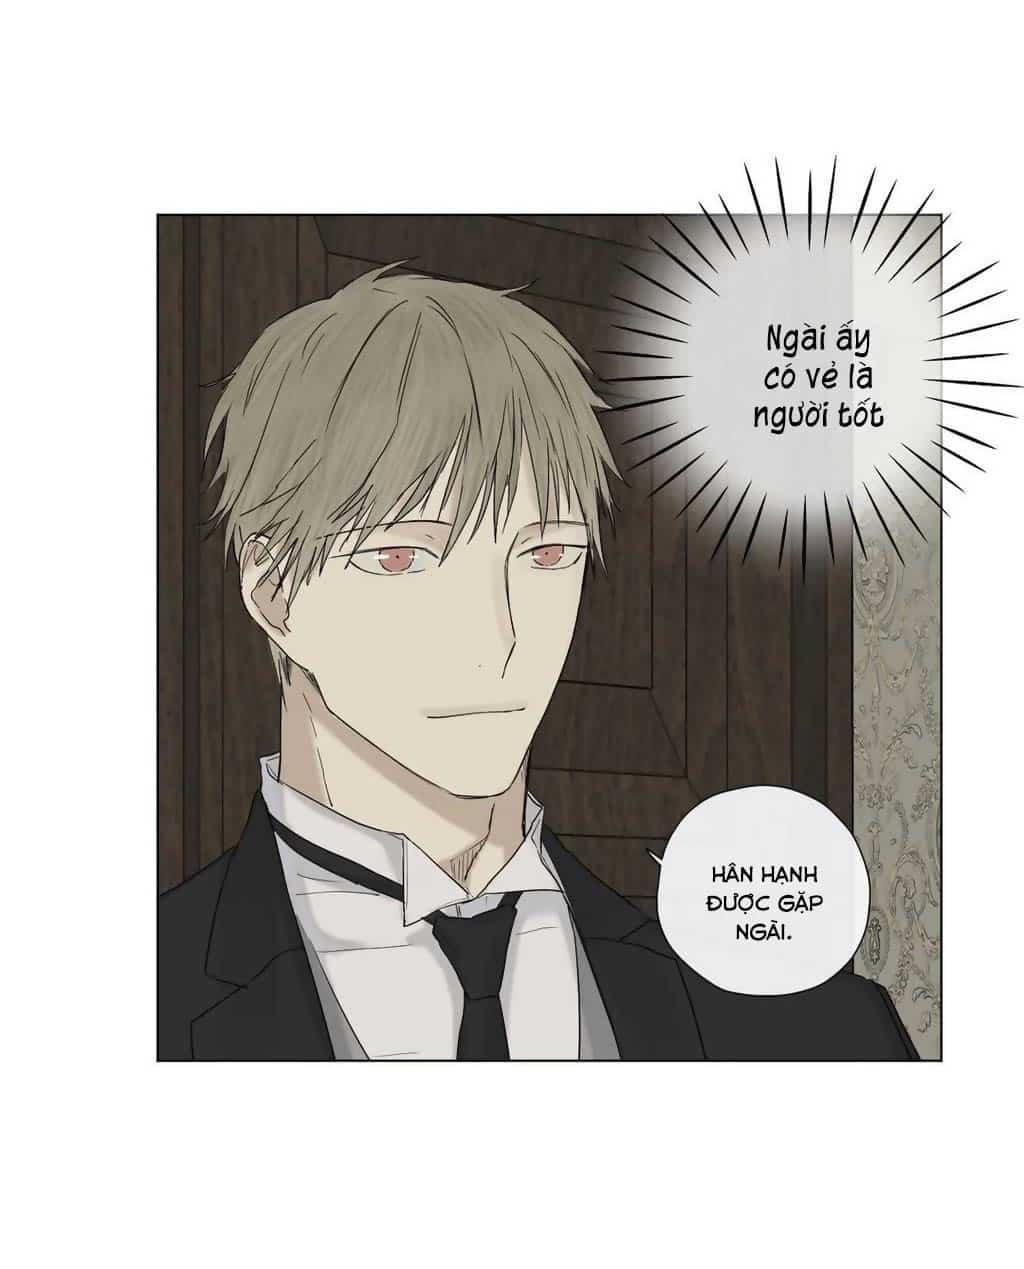 Trang 59 - Người hầu hoàng gia - Royal Servant - Chương 007 () - Truyện tranh Gay - Server HostedOnGoogleServerStaging